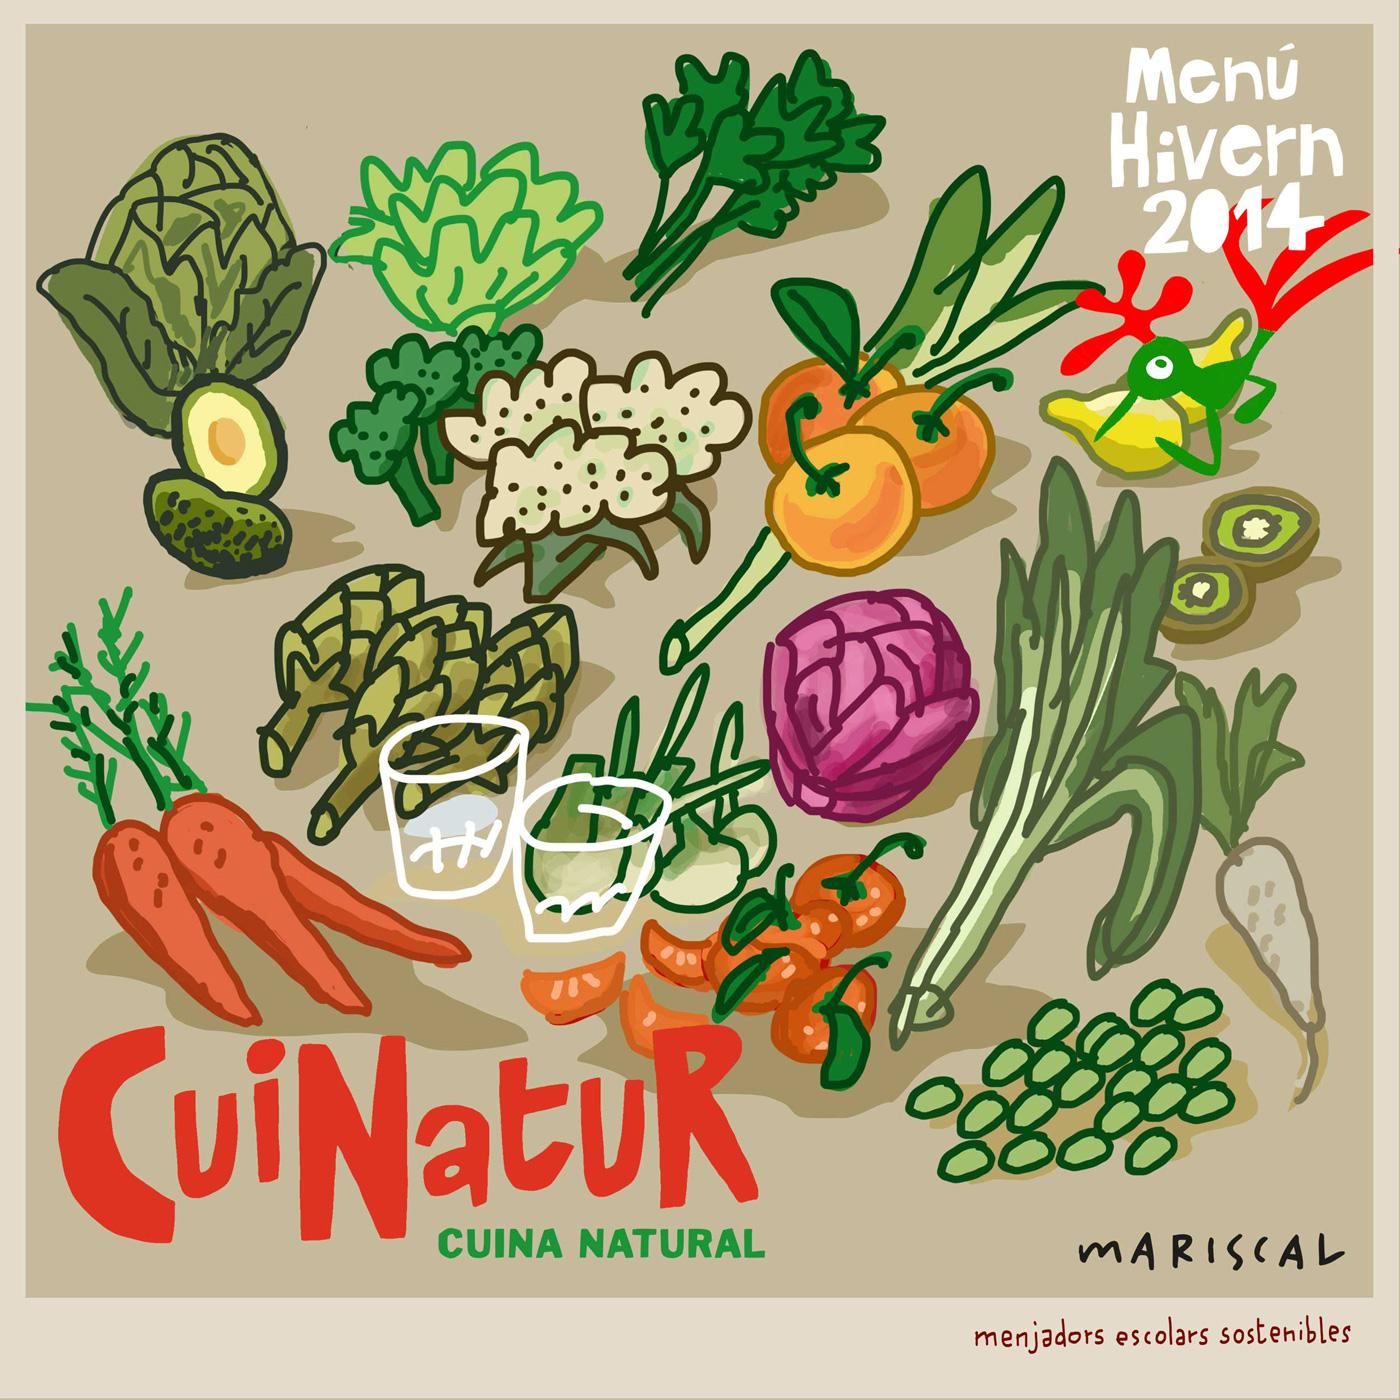 Noticias Alimentación Saludable · Slow Food